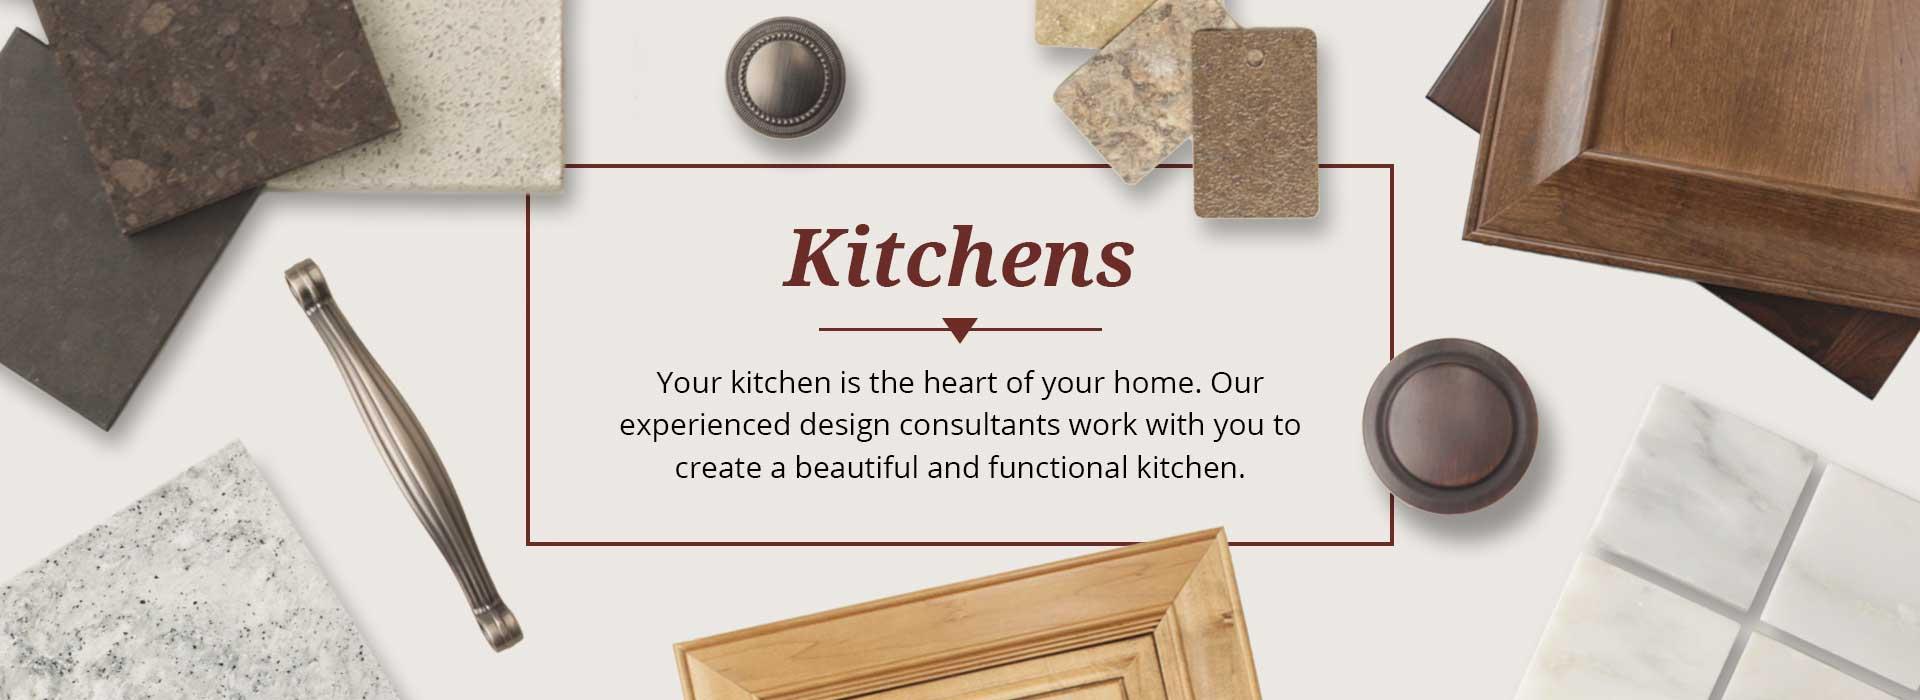 Kitchens - Yantzi Home Design Smart